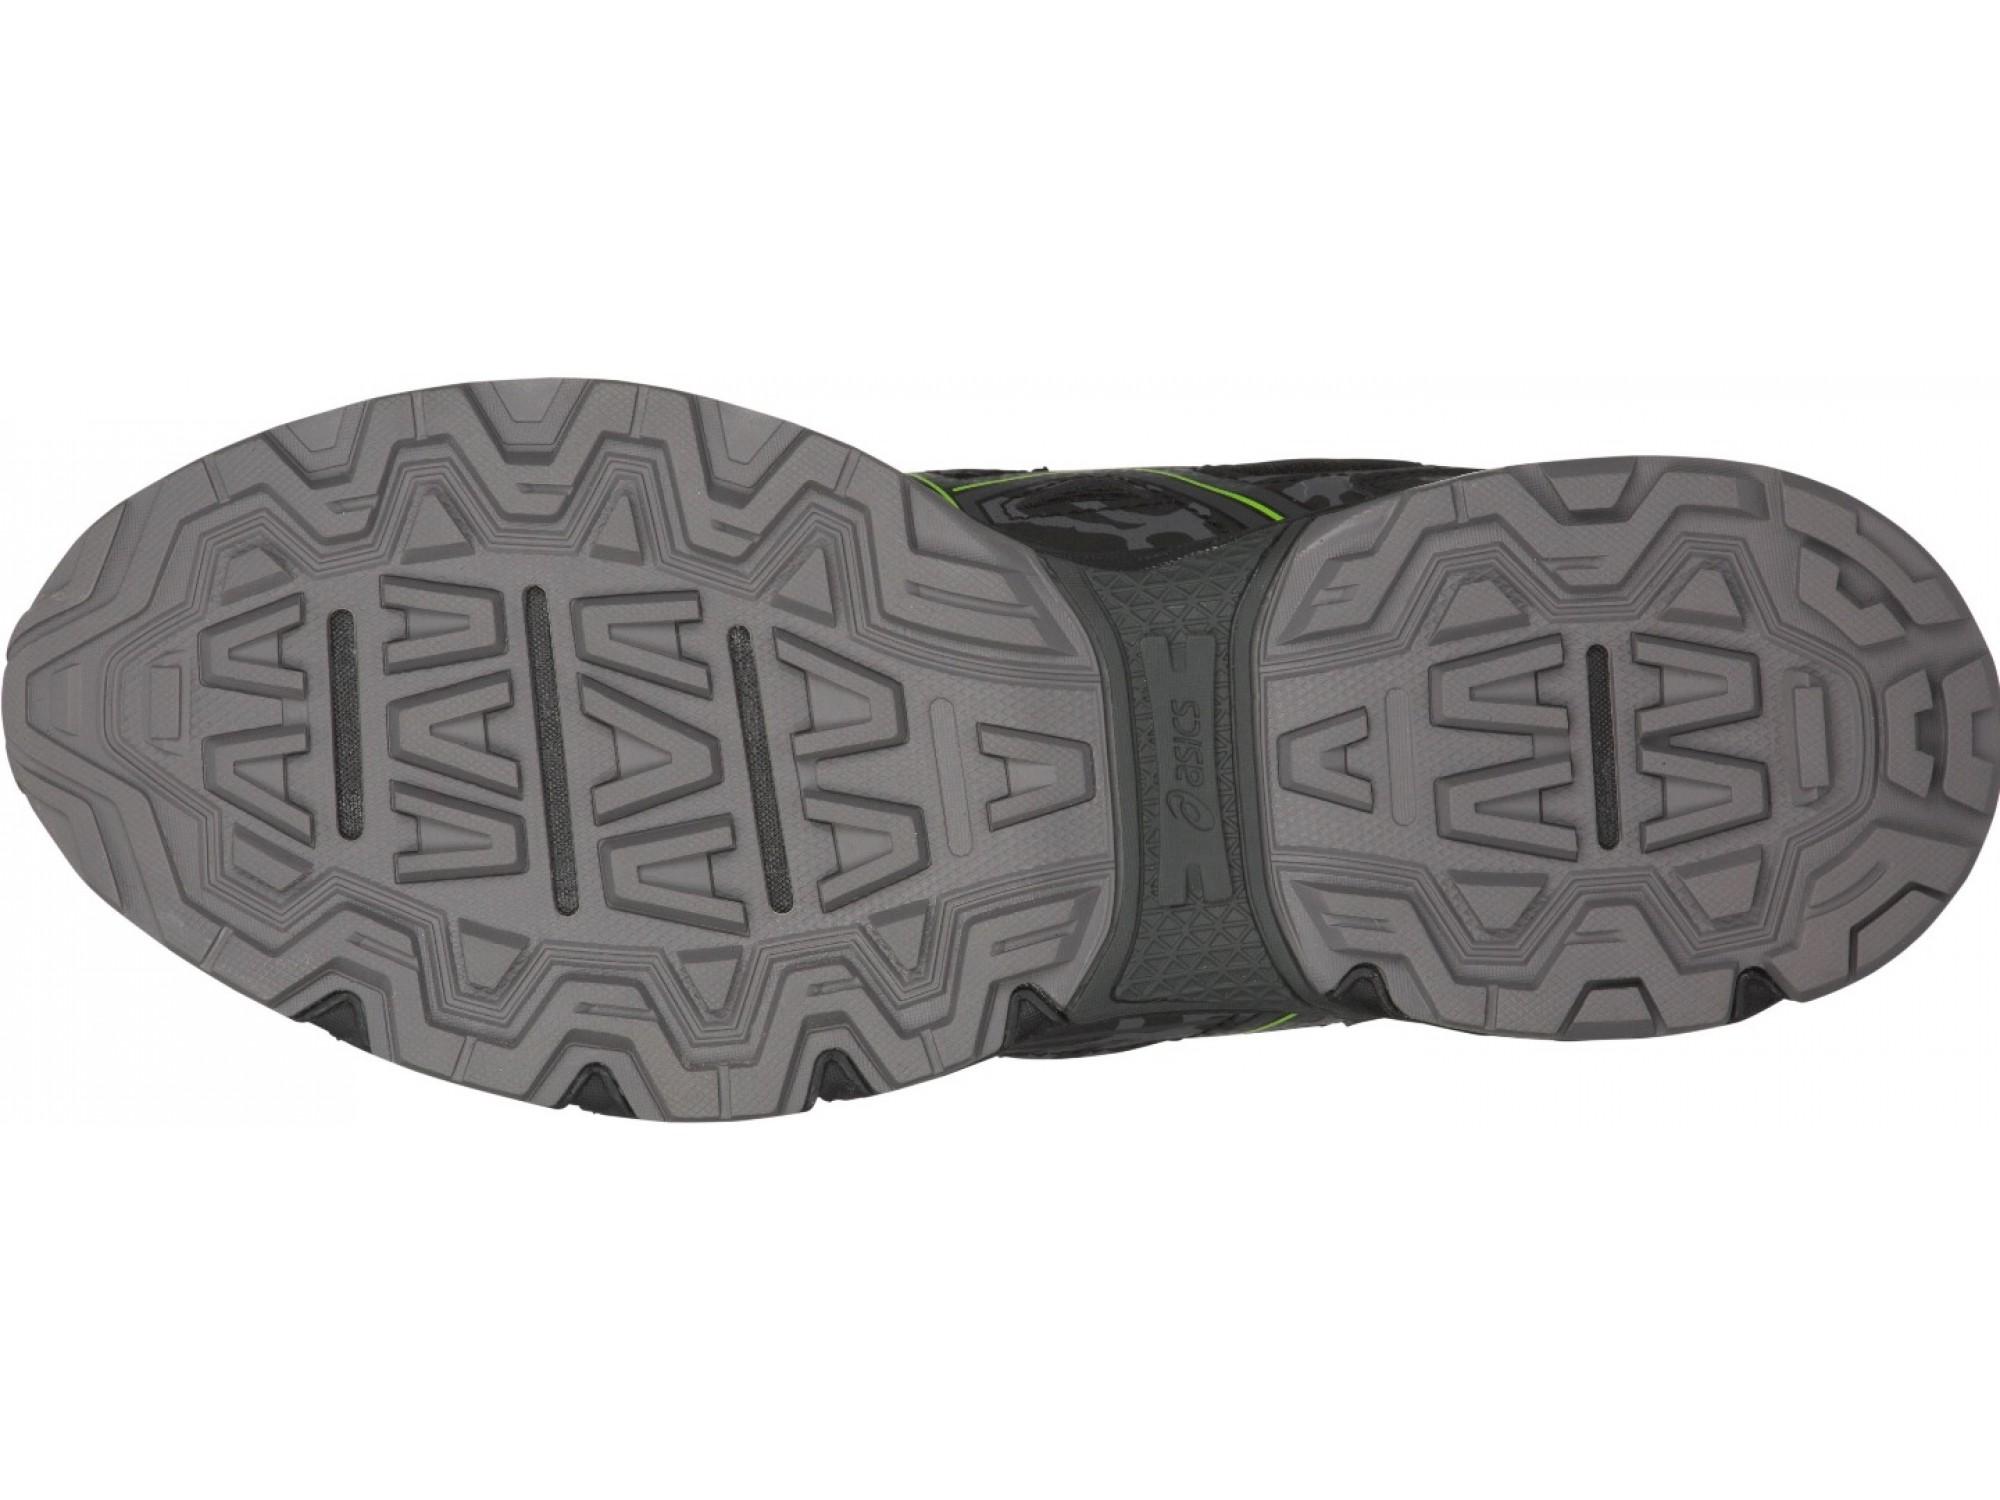 0b7fb3f8b674b5 ASICS Gel-Venture 6 Беговые кроссовки T7G1N-001 купить в Украине ...